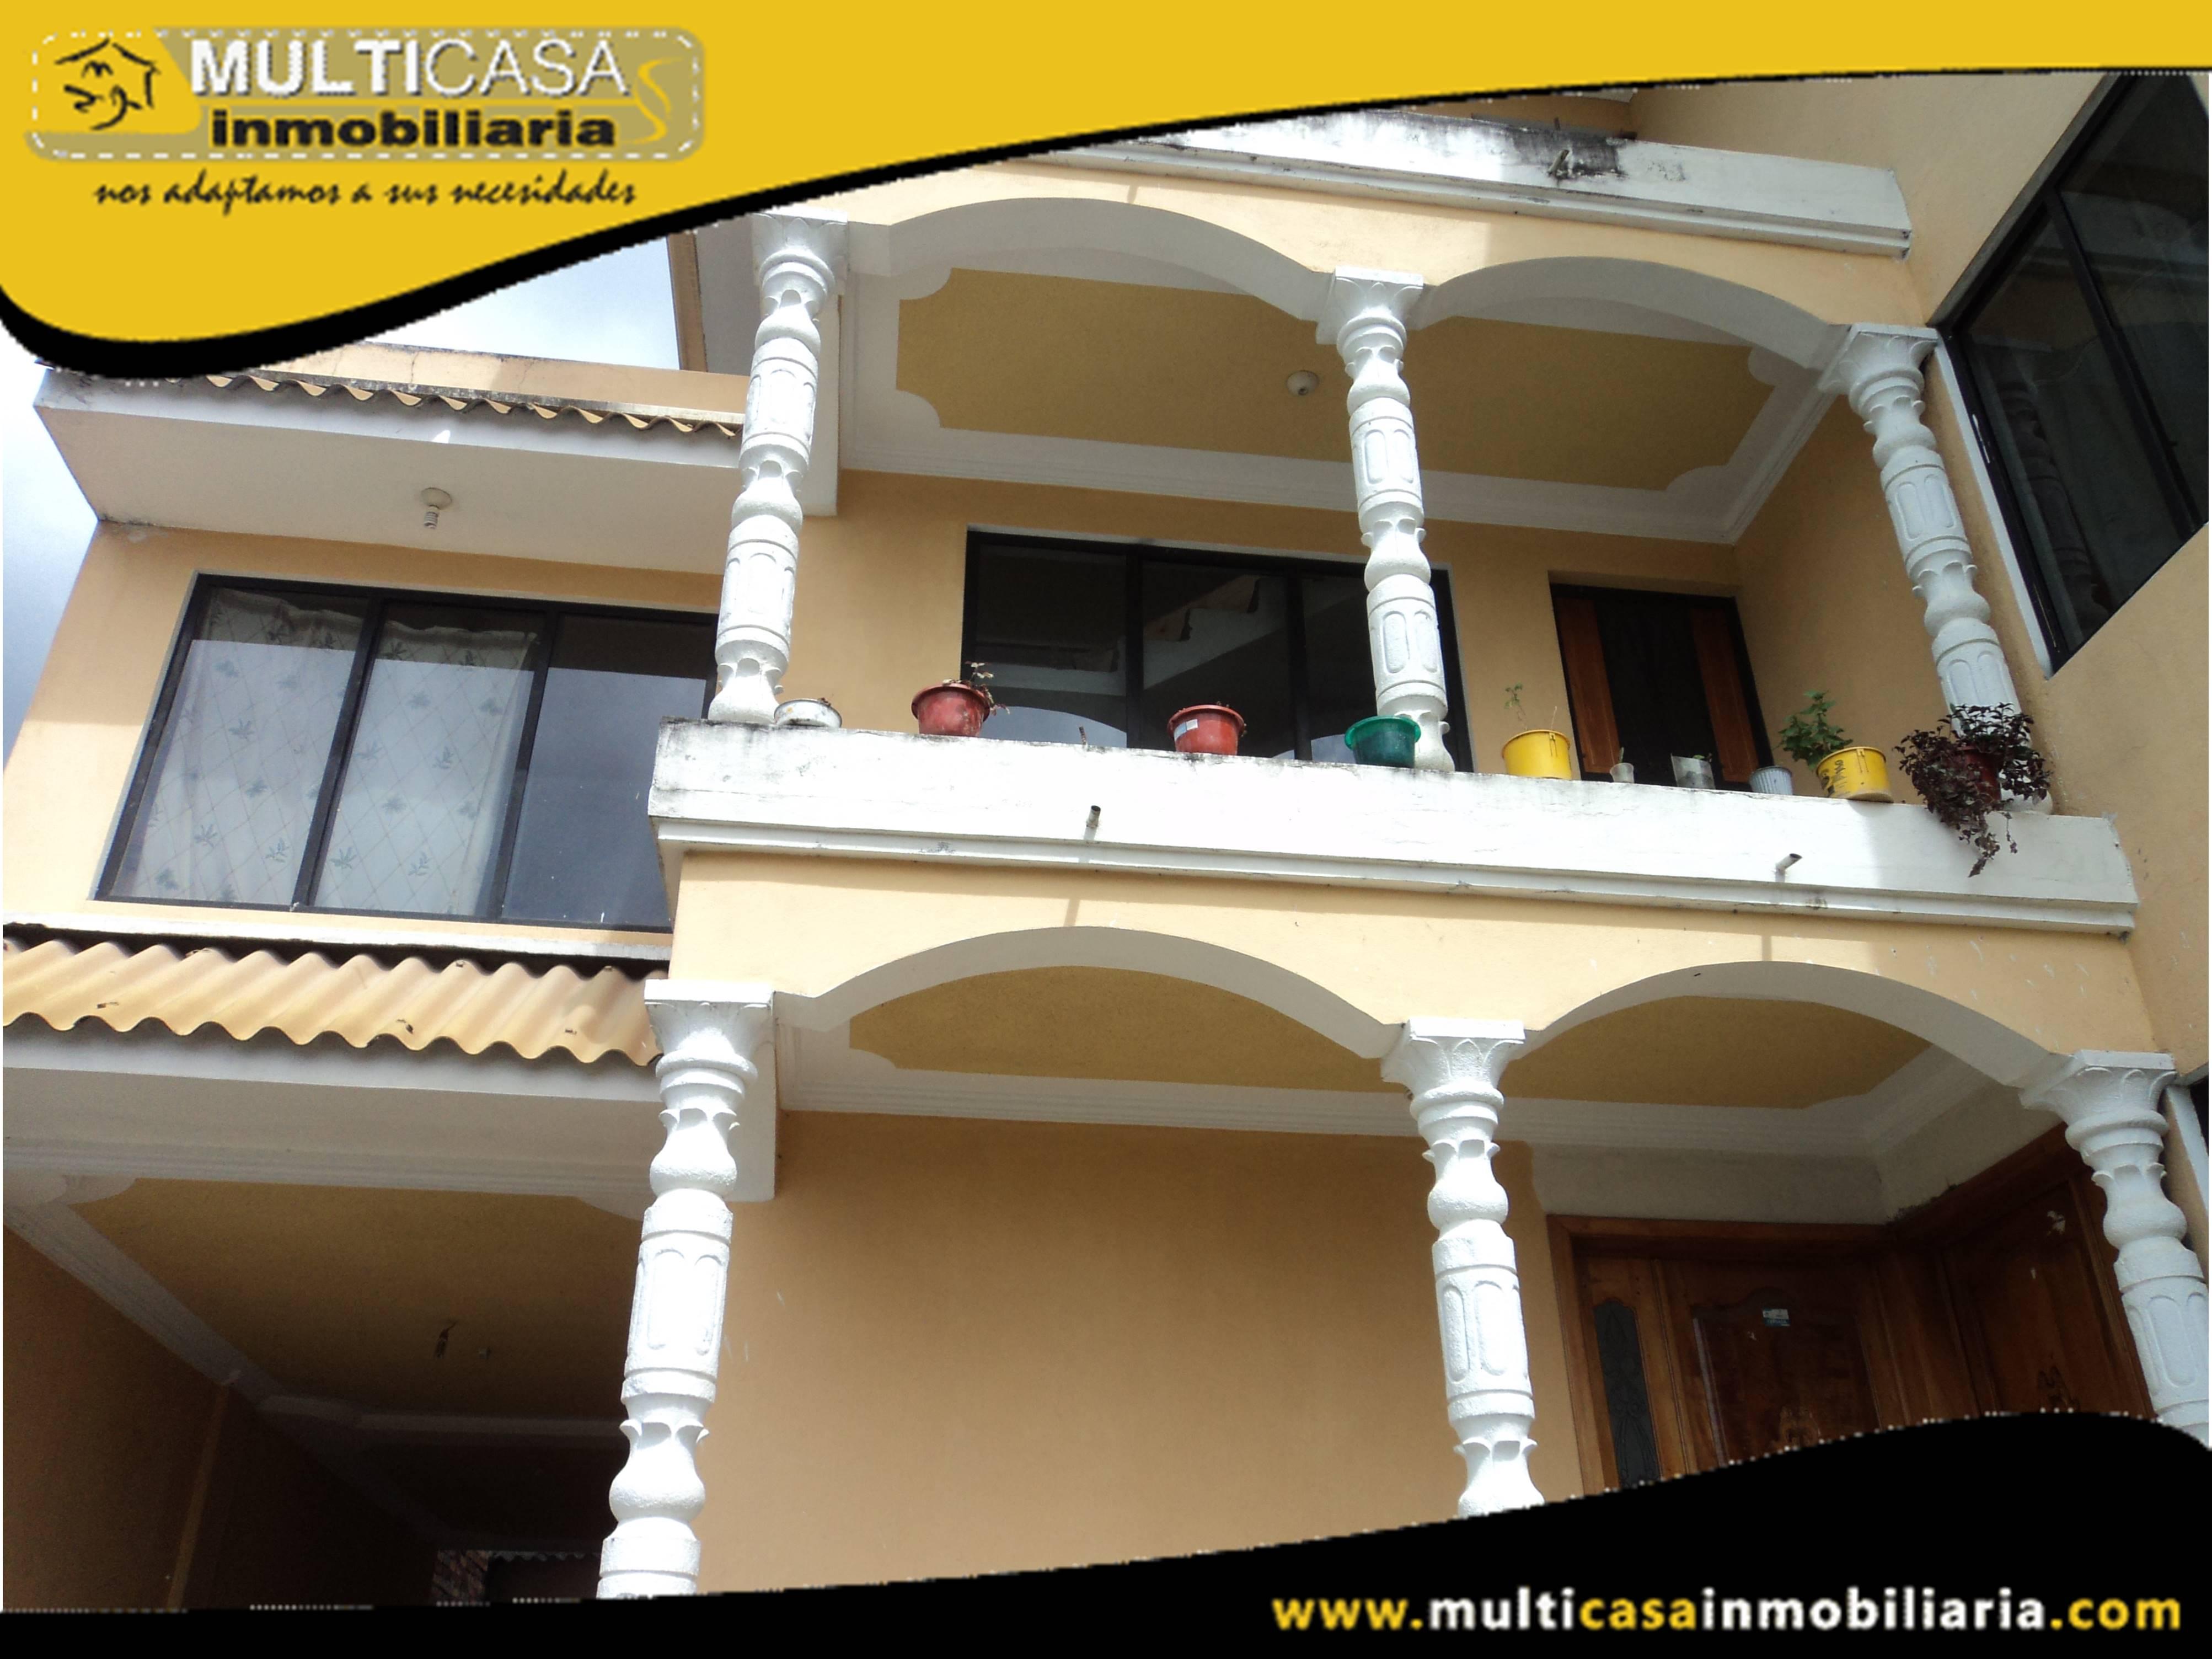 Venta de Hermosa Casa comercial de Dos departamentos a crédito con garaje para Seis Vehículos Sector Baños Cuenca-Ecuador